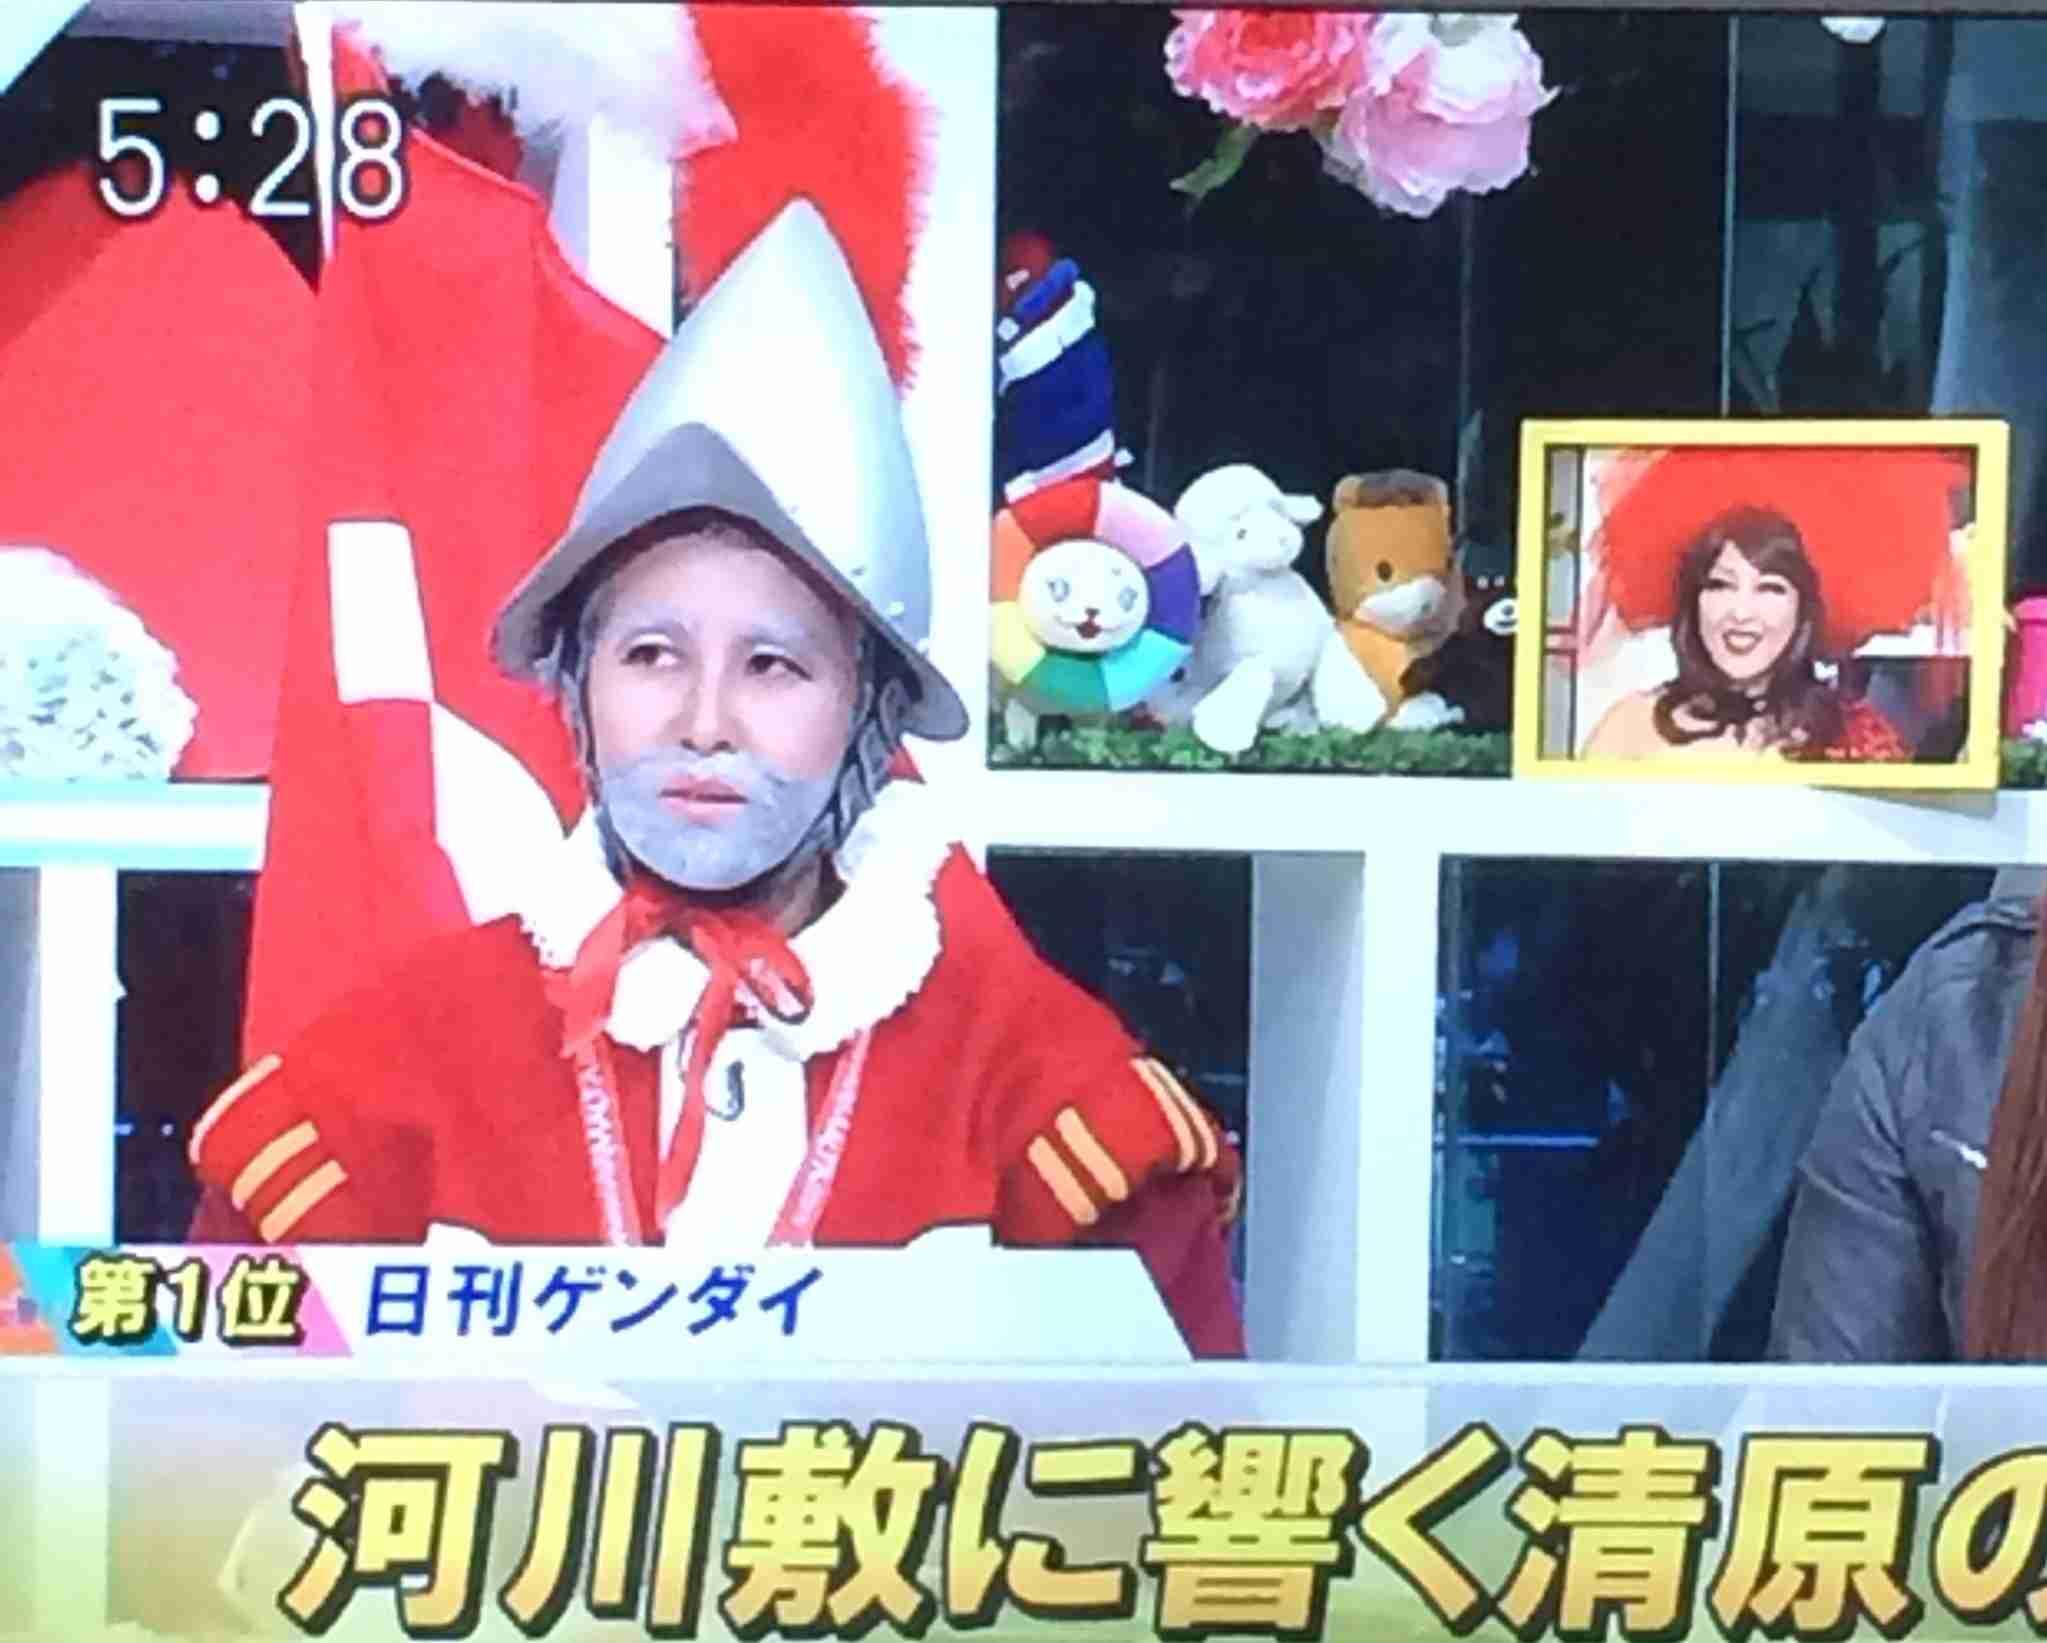 岡本夏生「全テレビ局から出入り禁止になっている」と『5時に夢中!』で告白 +430 +430